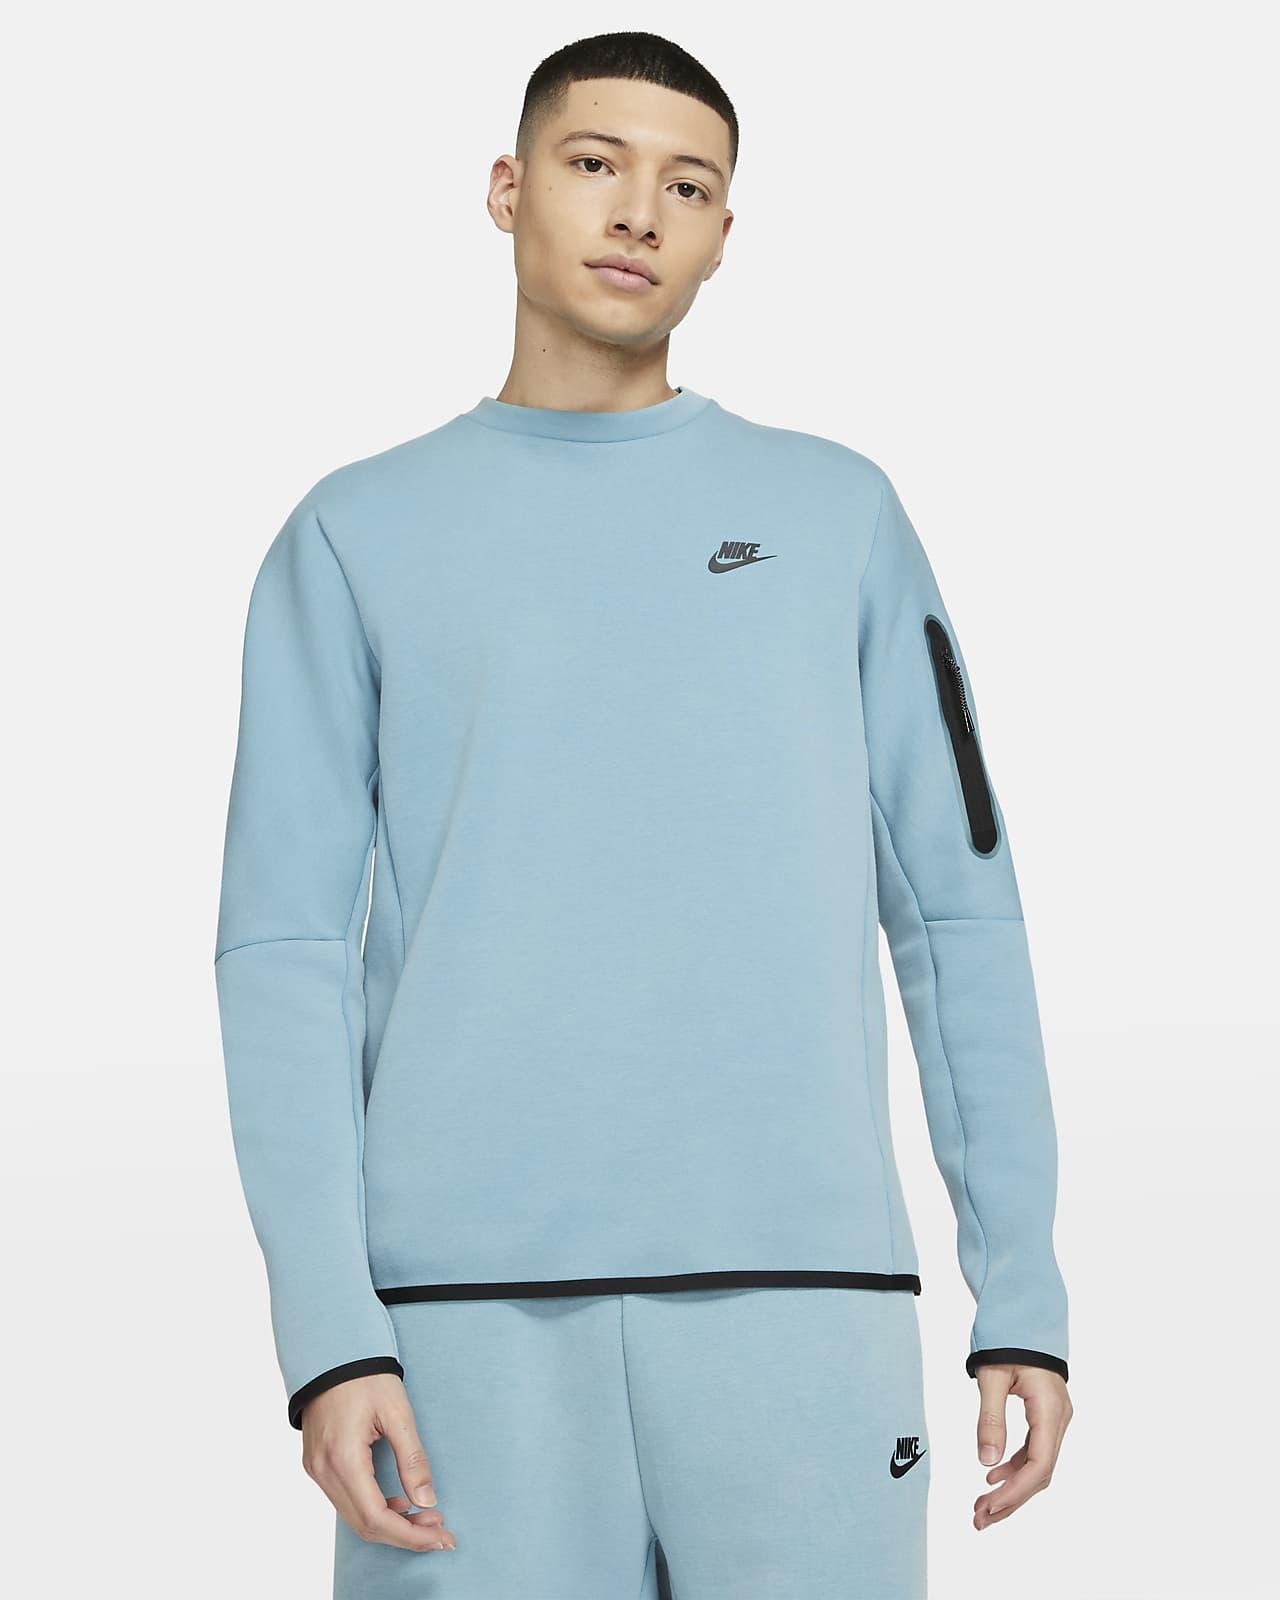 Bluza męska z efektem sprania Nike Sportswear Tech Fleece